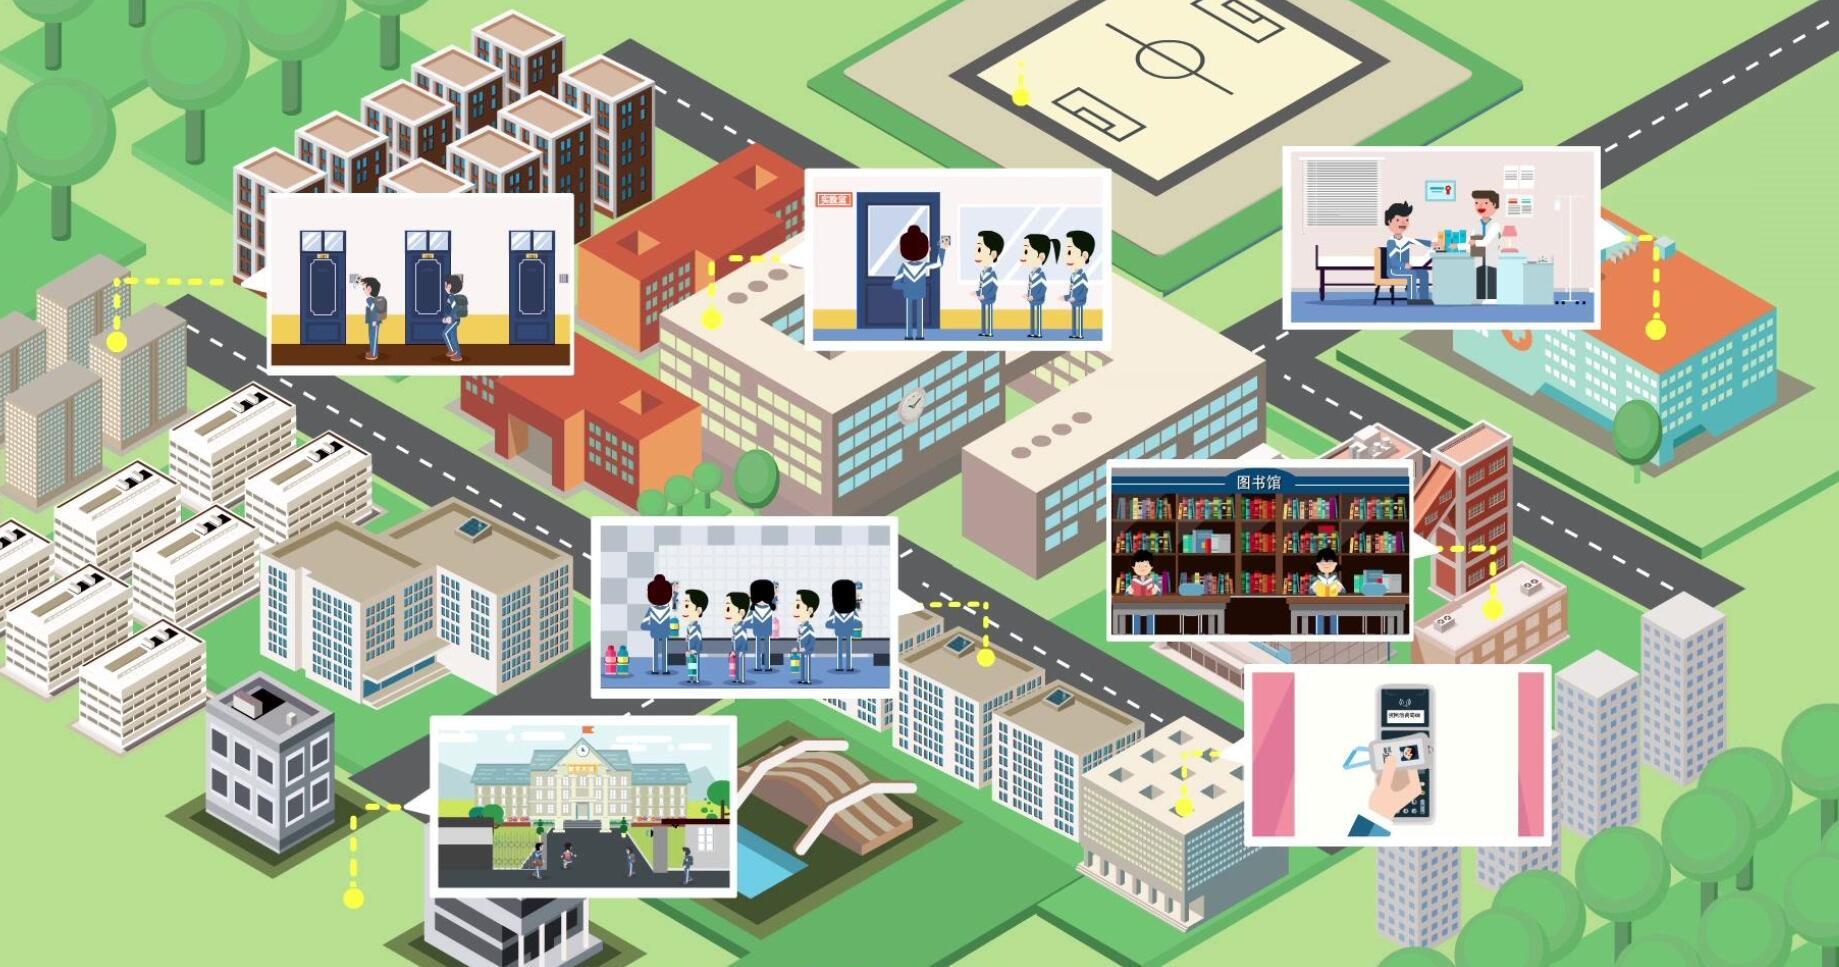 烽火全光网络联合沙北实验学校建设区域标杆智慧校园